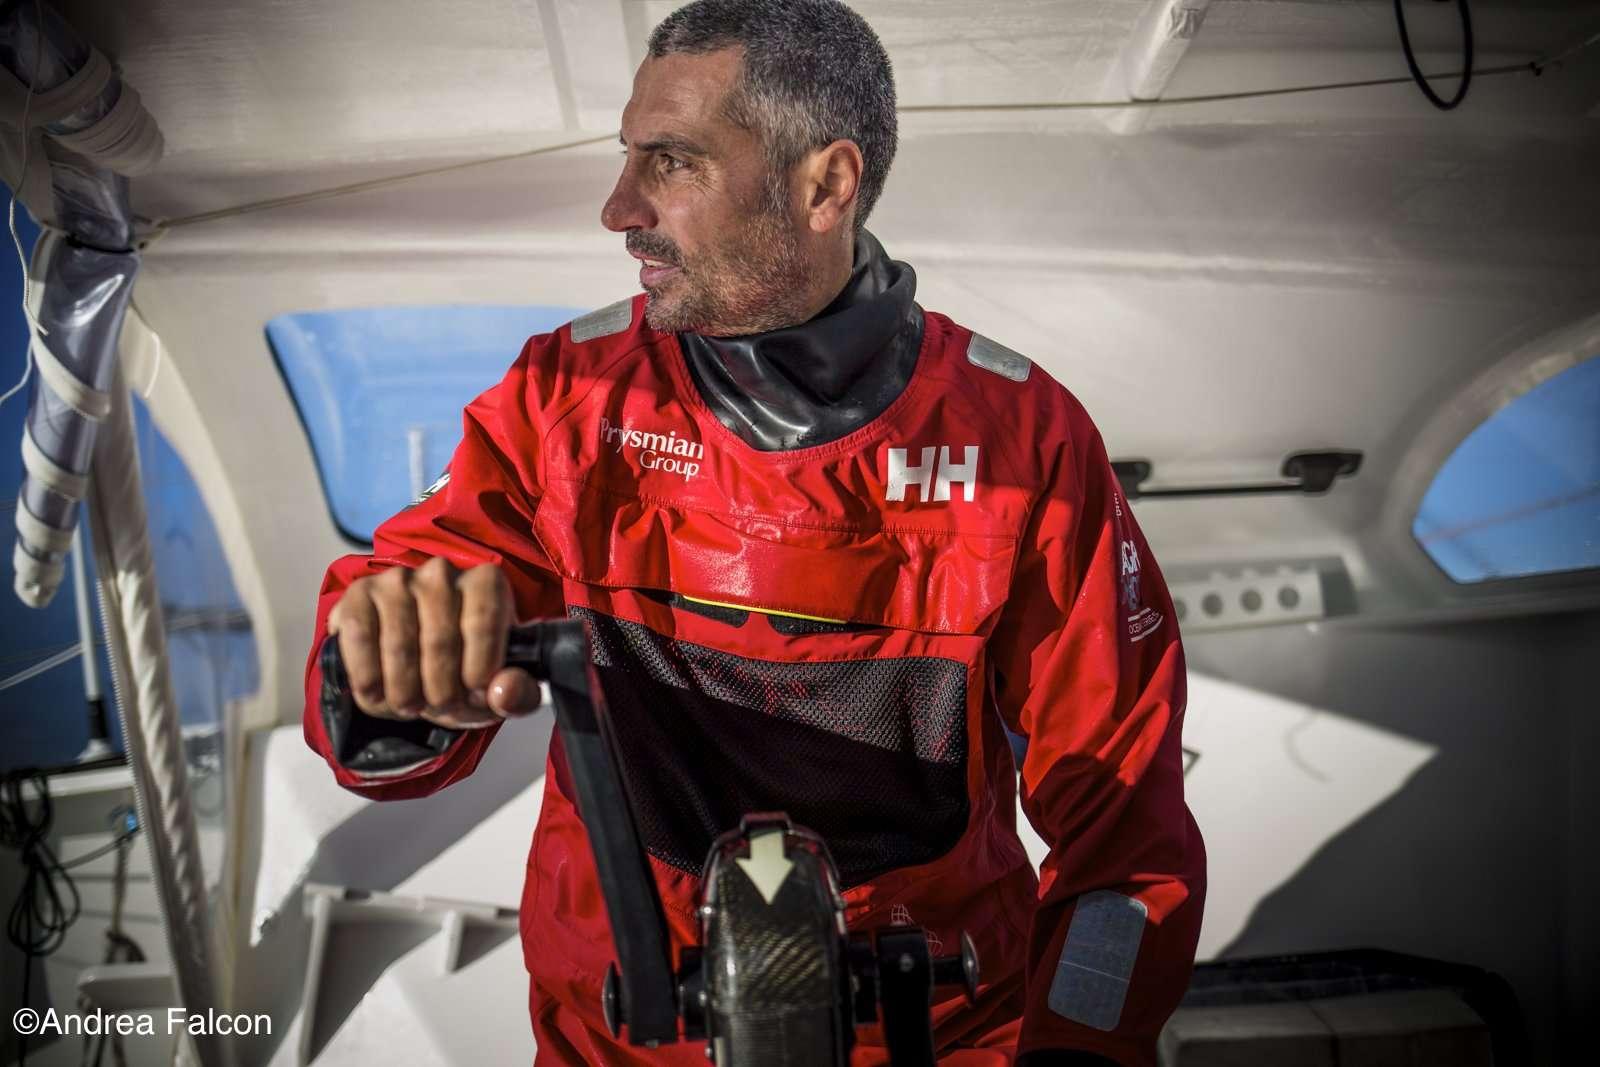 Giancarlo su Pryslian Group. Immagine di Andrea Falcon